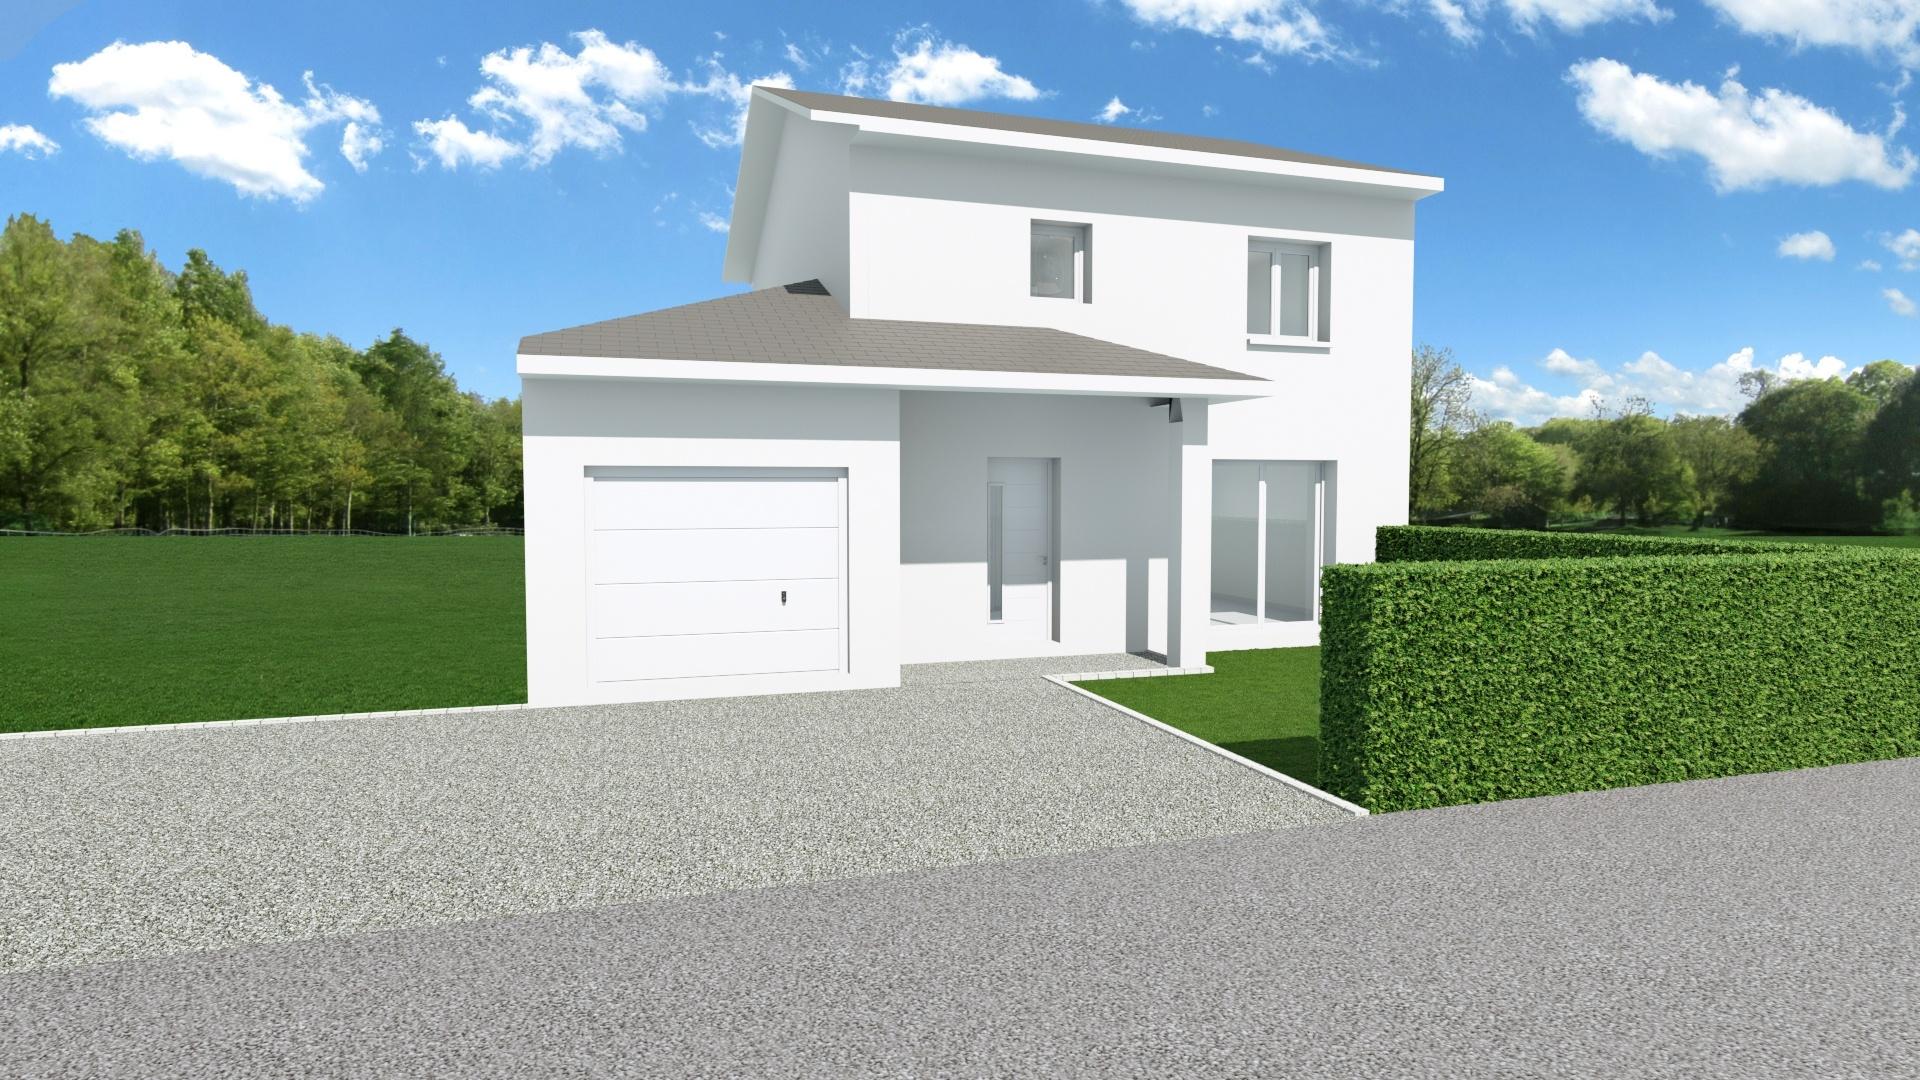 Maisons + Terrains du constructeur MAISONS AXIAL • 89 m² • LES EPARRES